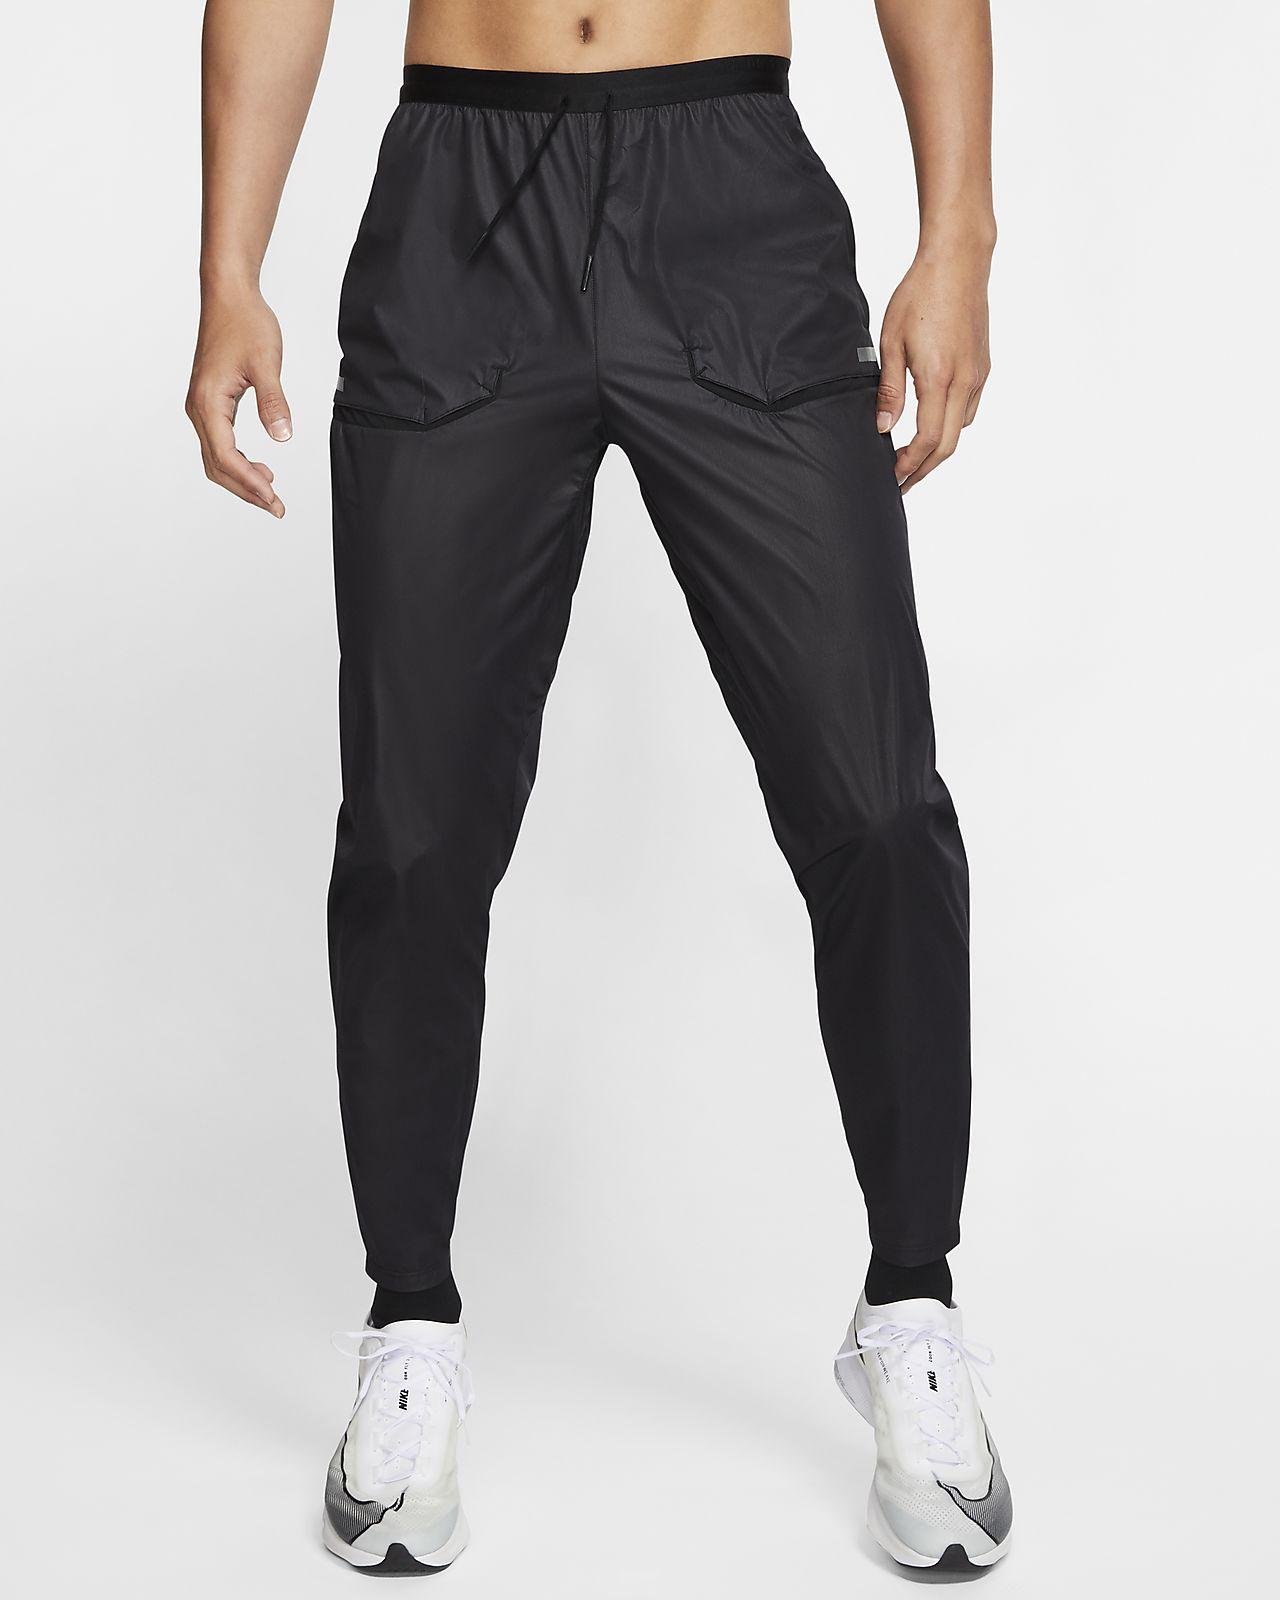 Herren Sale Hosen & Tights. Nike DE